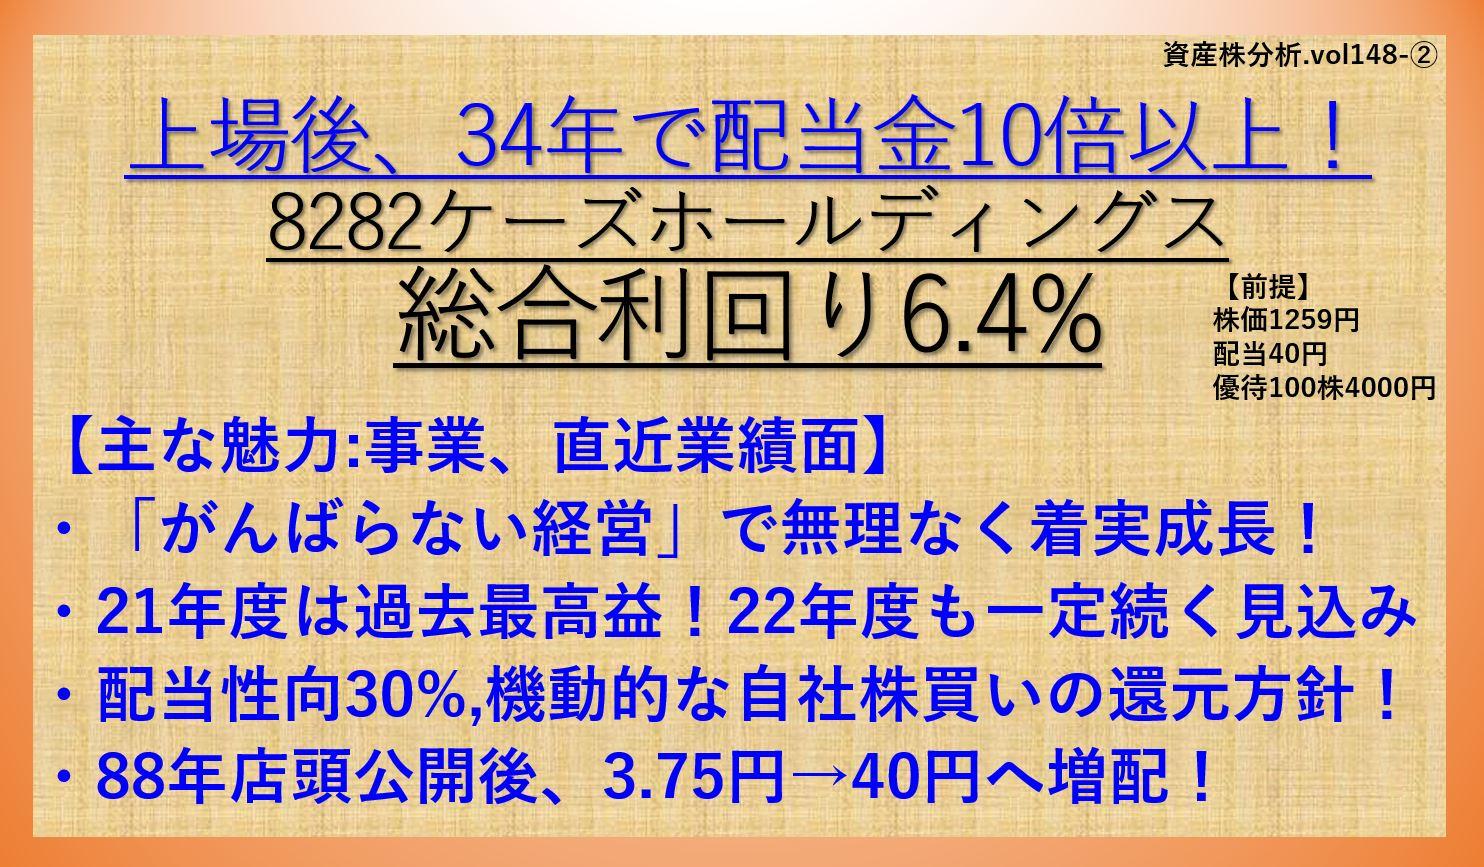 資産株-8282-ケーズホールディングス-銘柄分析2.